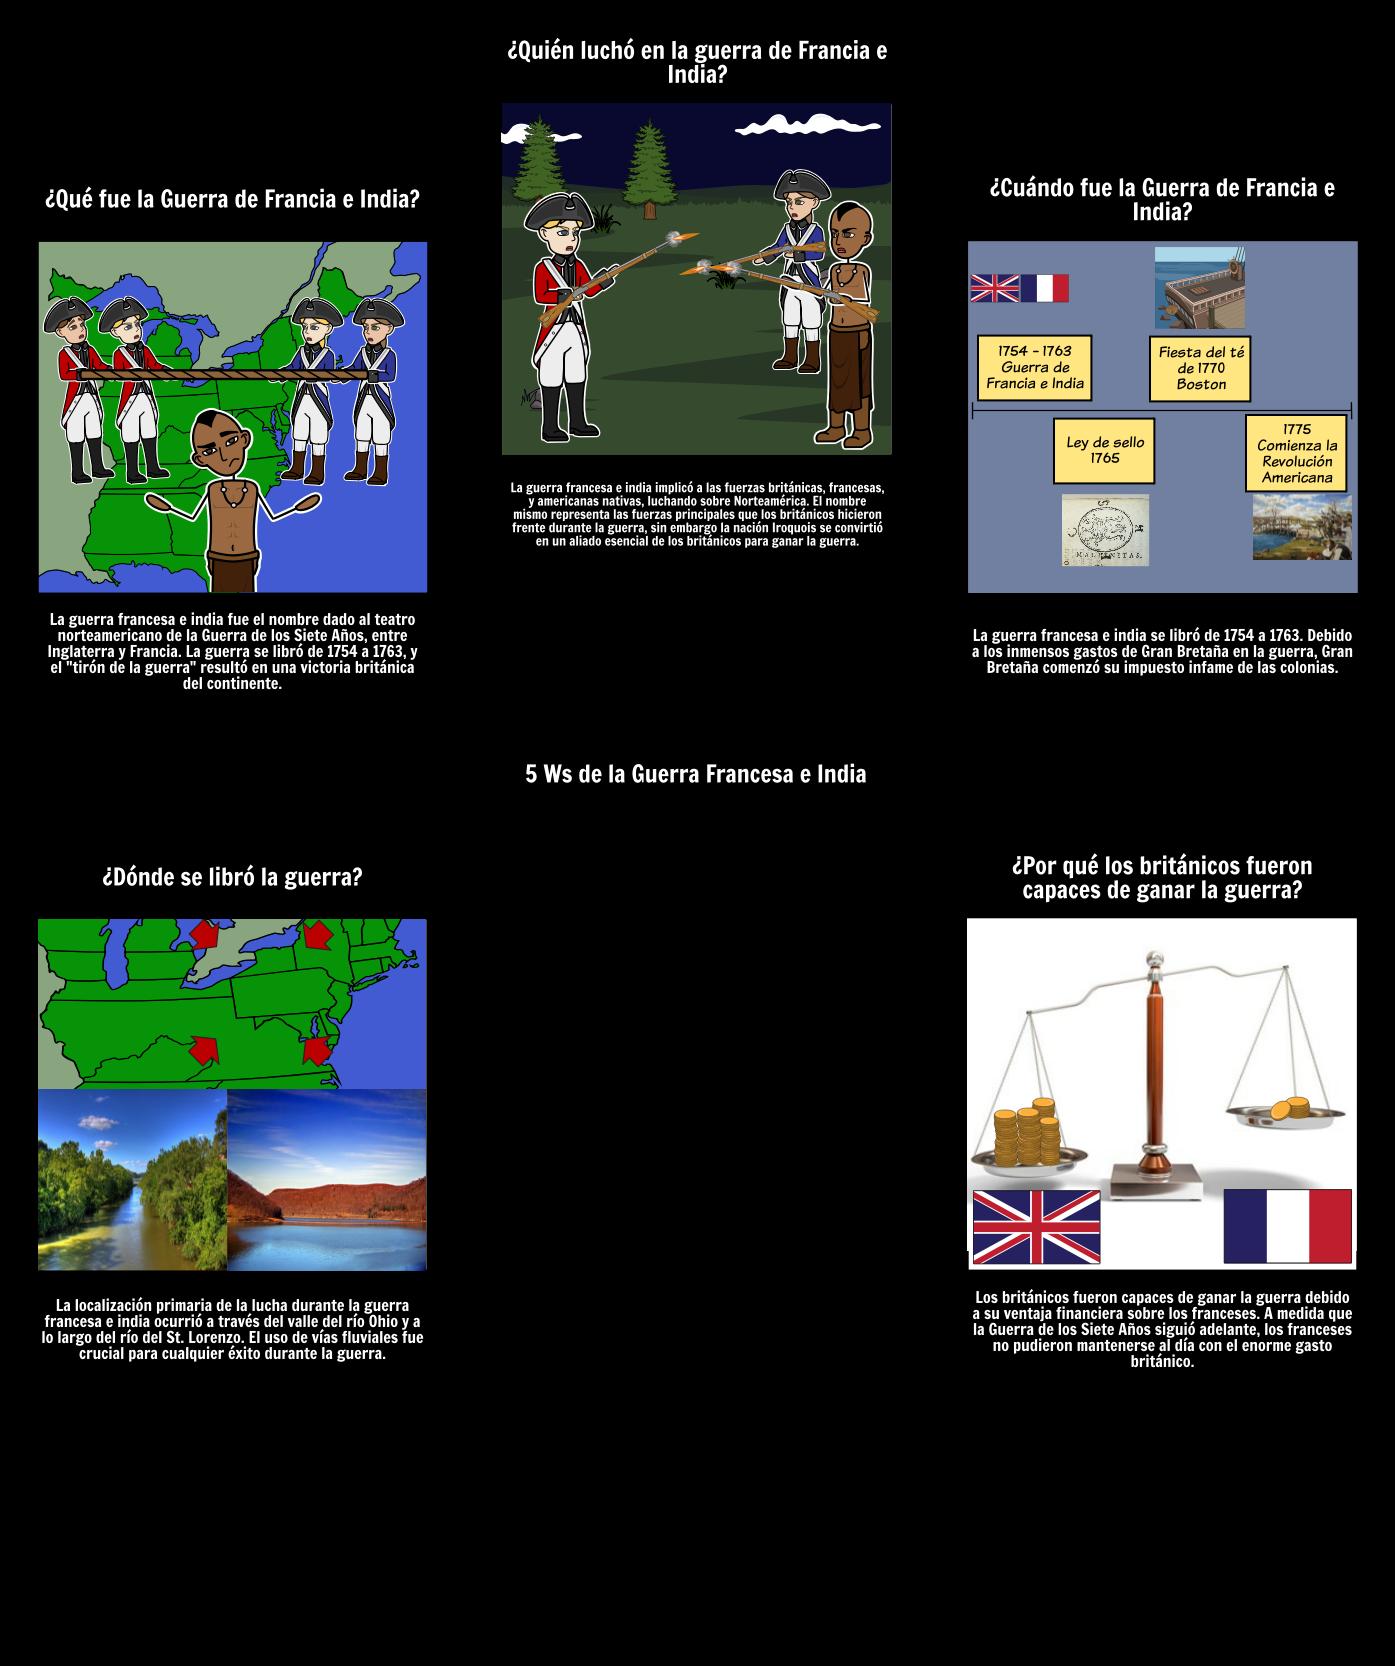 Guerra de Francia e India 5 Ws